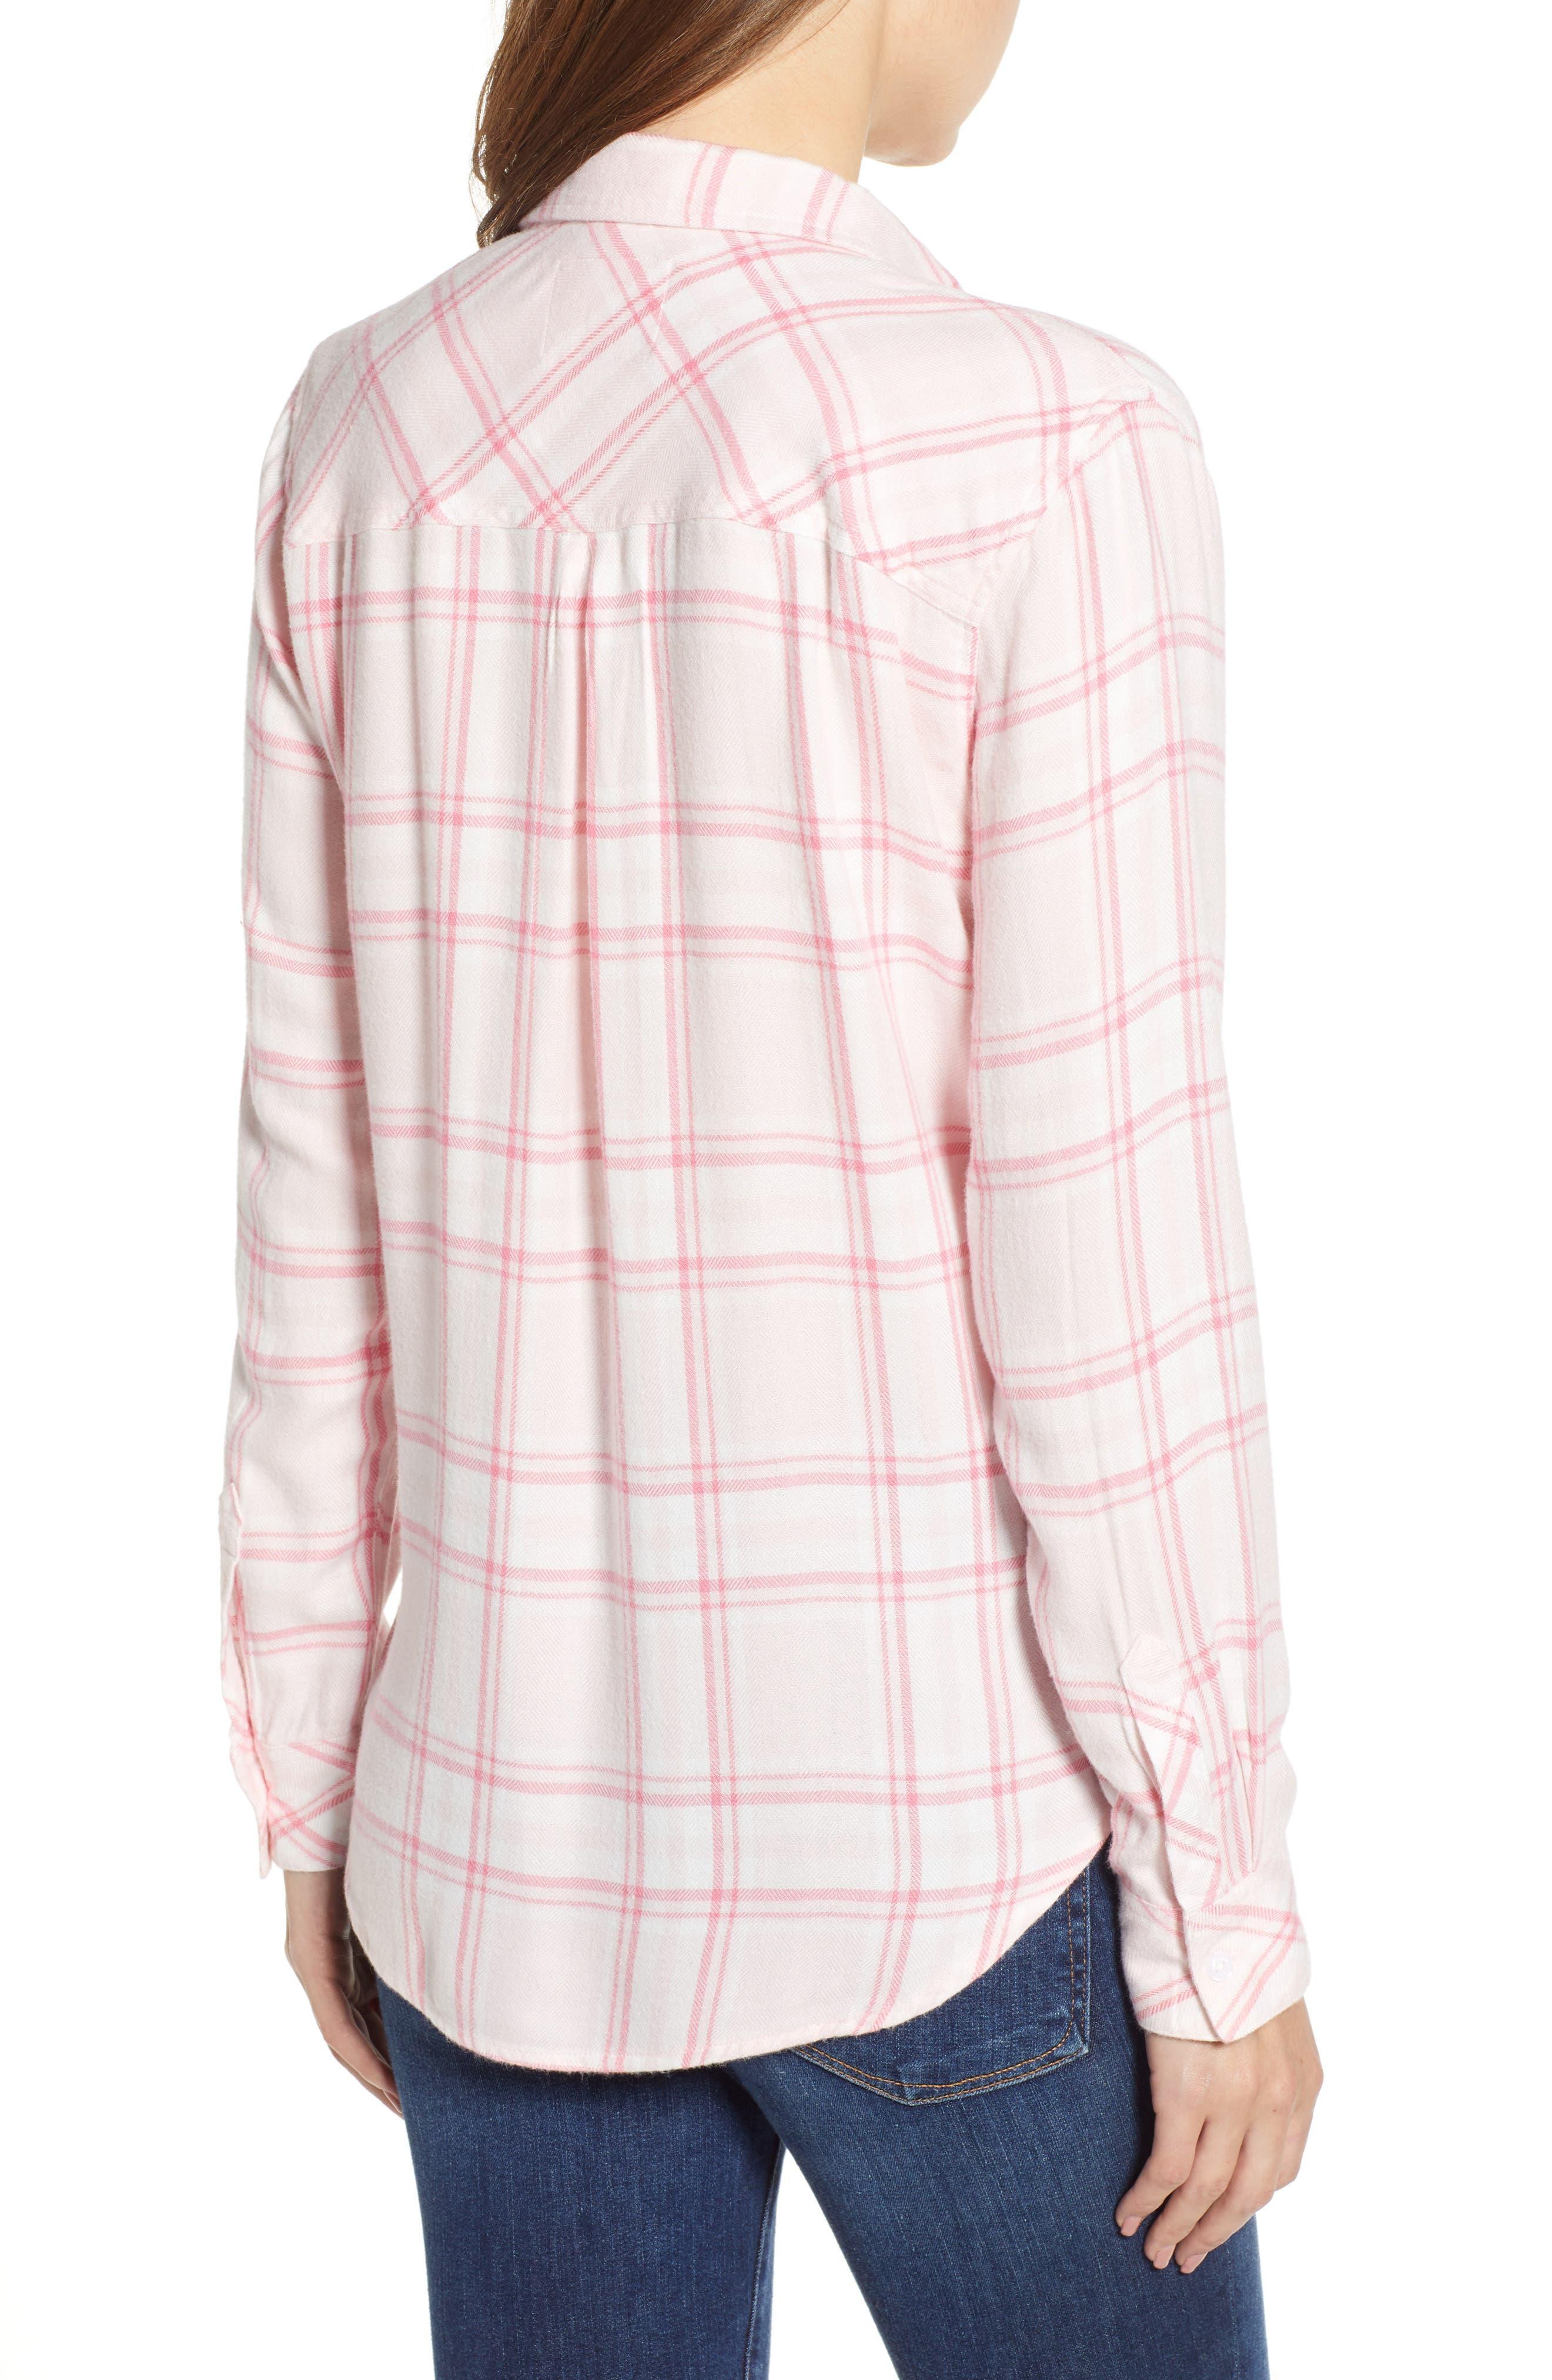 Hunter Plaid Shirt,                             Alternate thumbnail 2, color,                             675